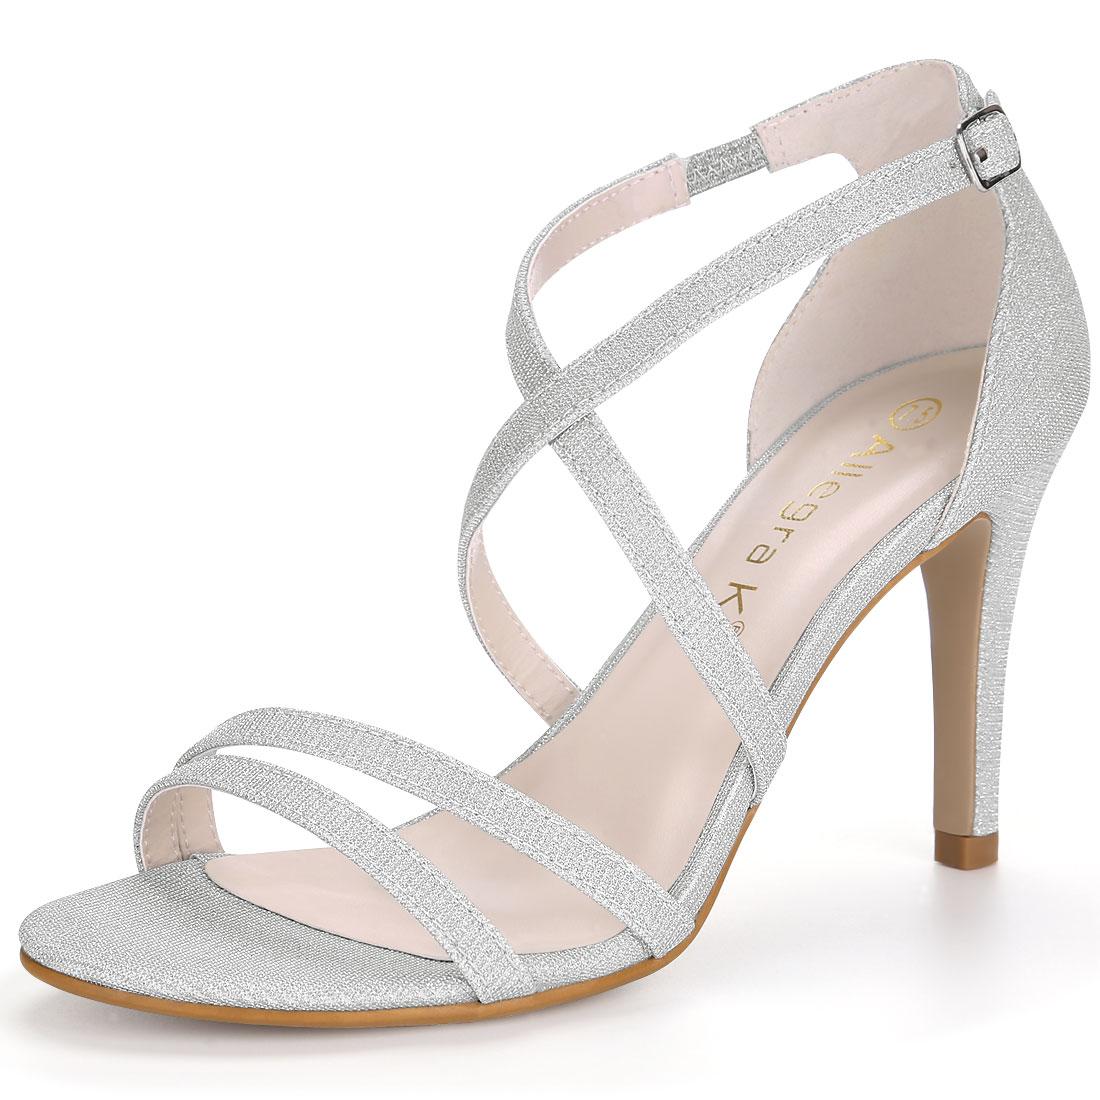 Allegra K Women's Glitter Design Stiletto Heel Strappy Sandals Silver US 7